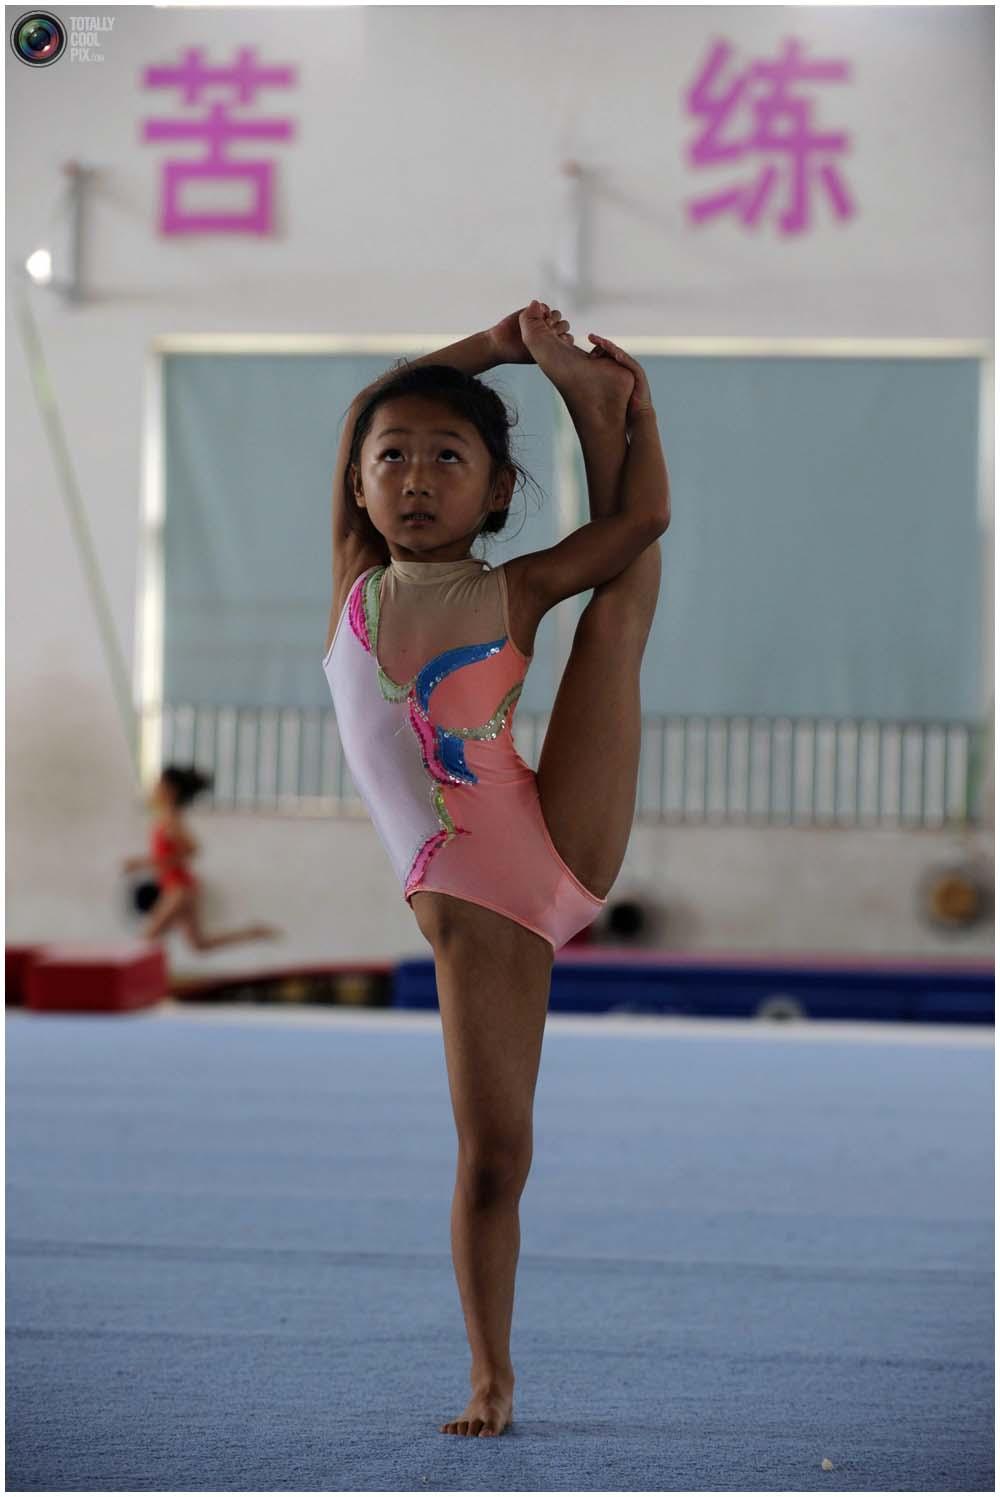 Маленькая гимнастка на тренировке группы от 4 до 7 лет в городе Цзясин, провинция Чжэцзян, 10 августа 2010 года. (REUTERS/Stringer)